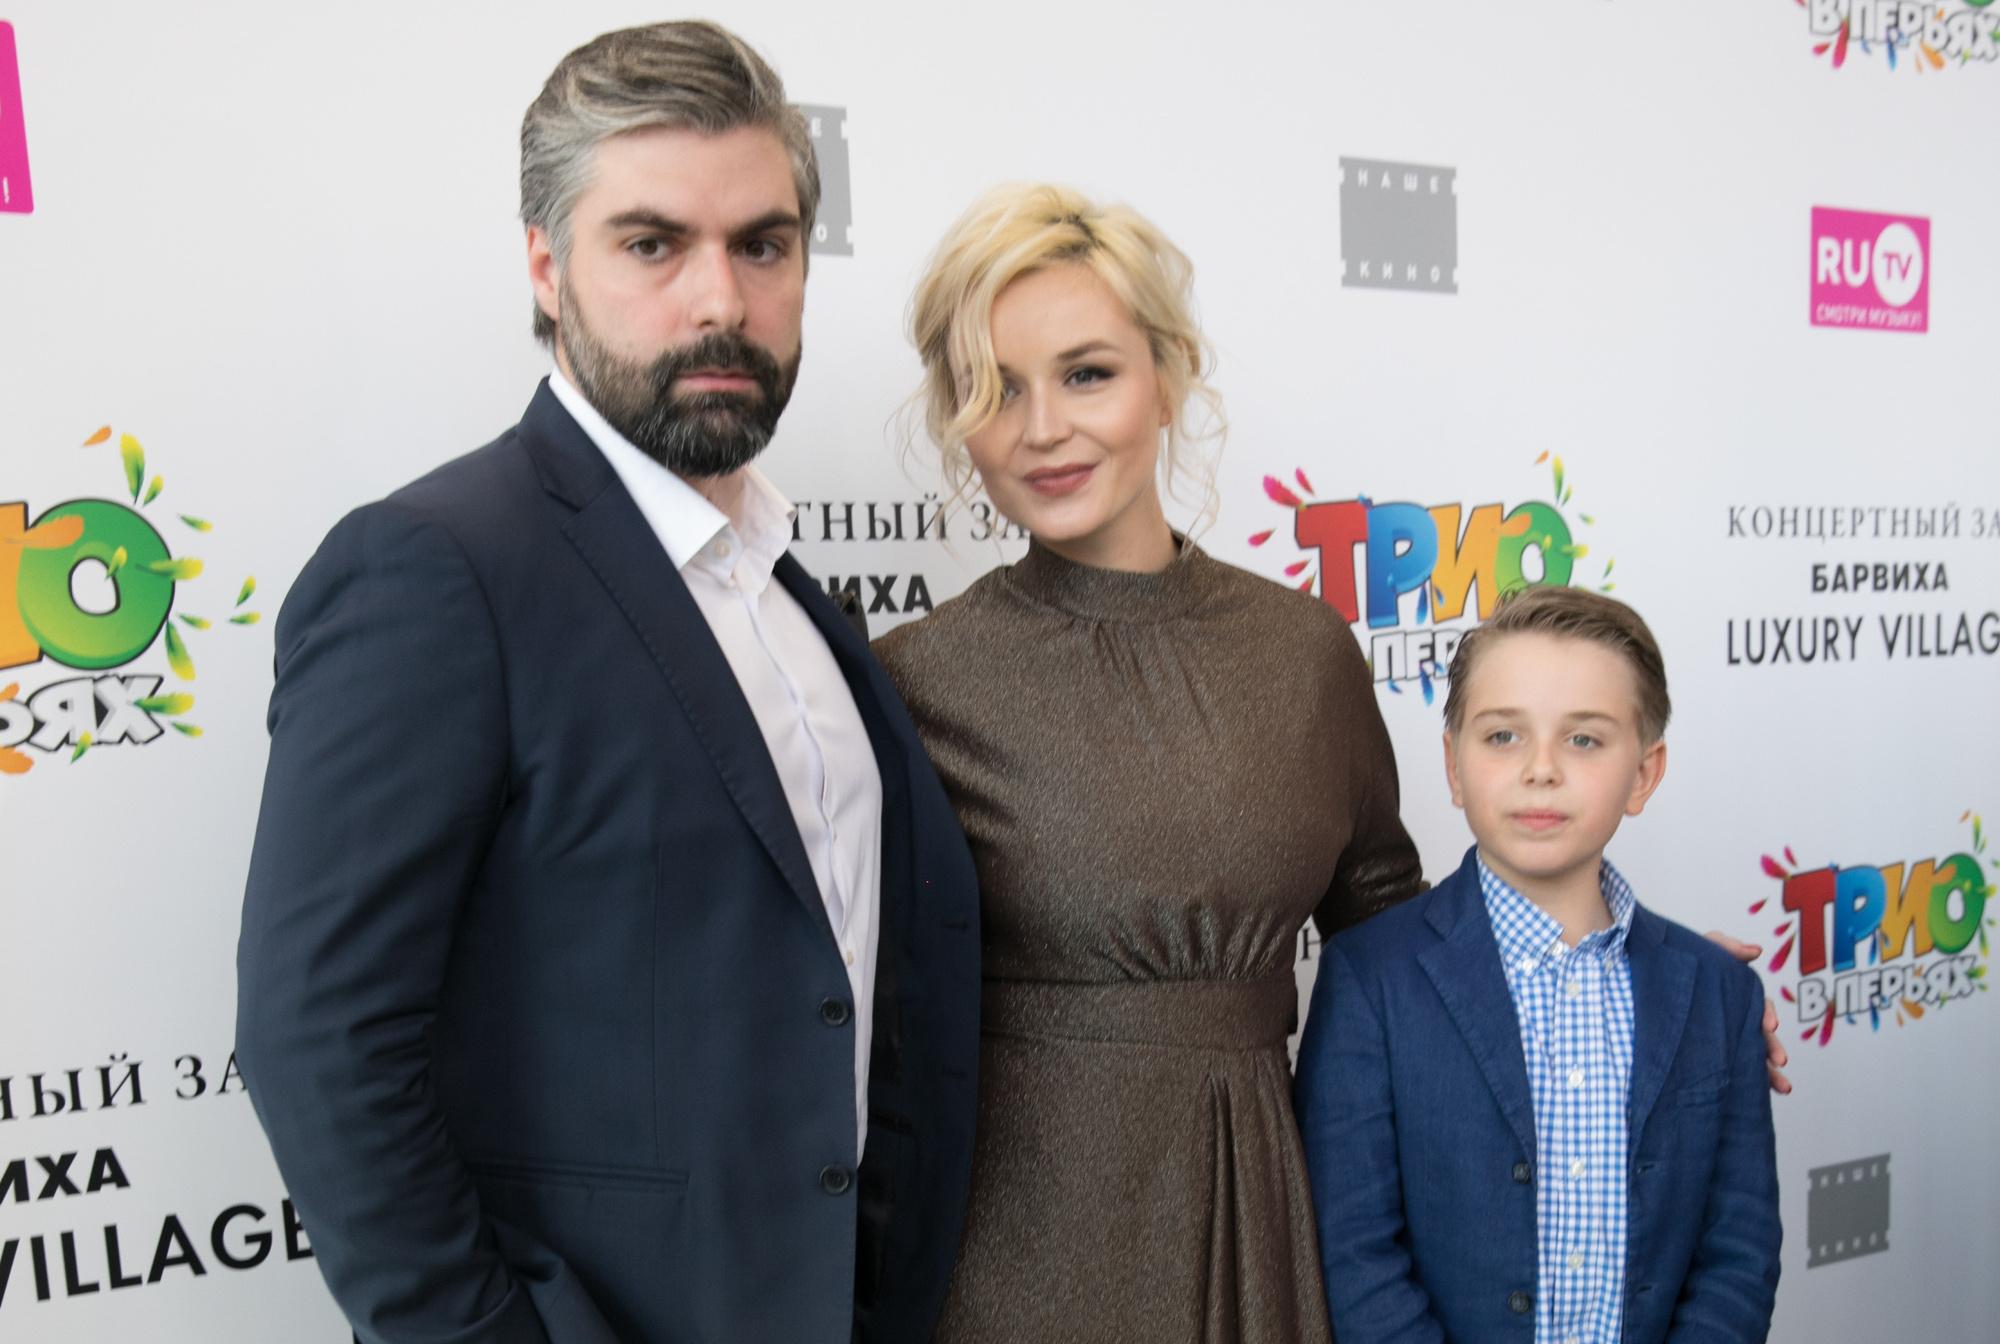 Дмитрий Исхаков и Полина Гагарина с сыном Андреем